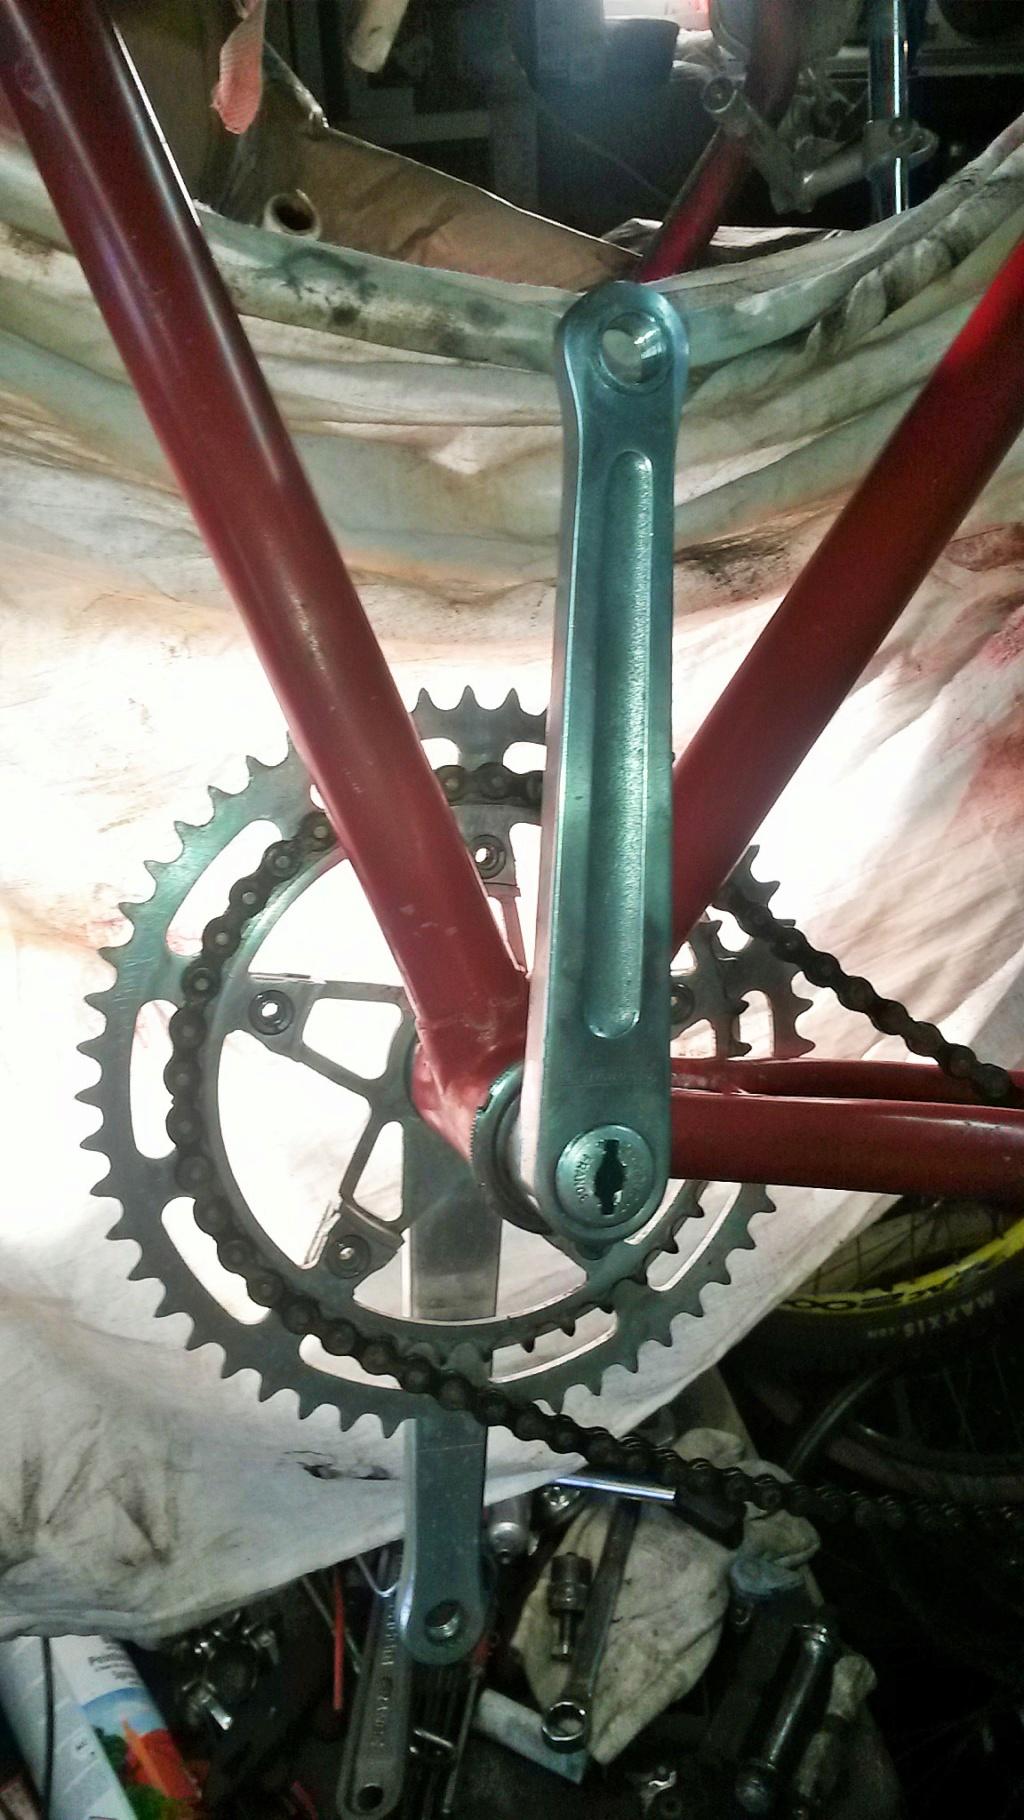 vélo de course a raccord NERVEX 1970 -75 01328